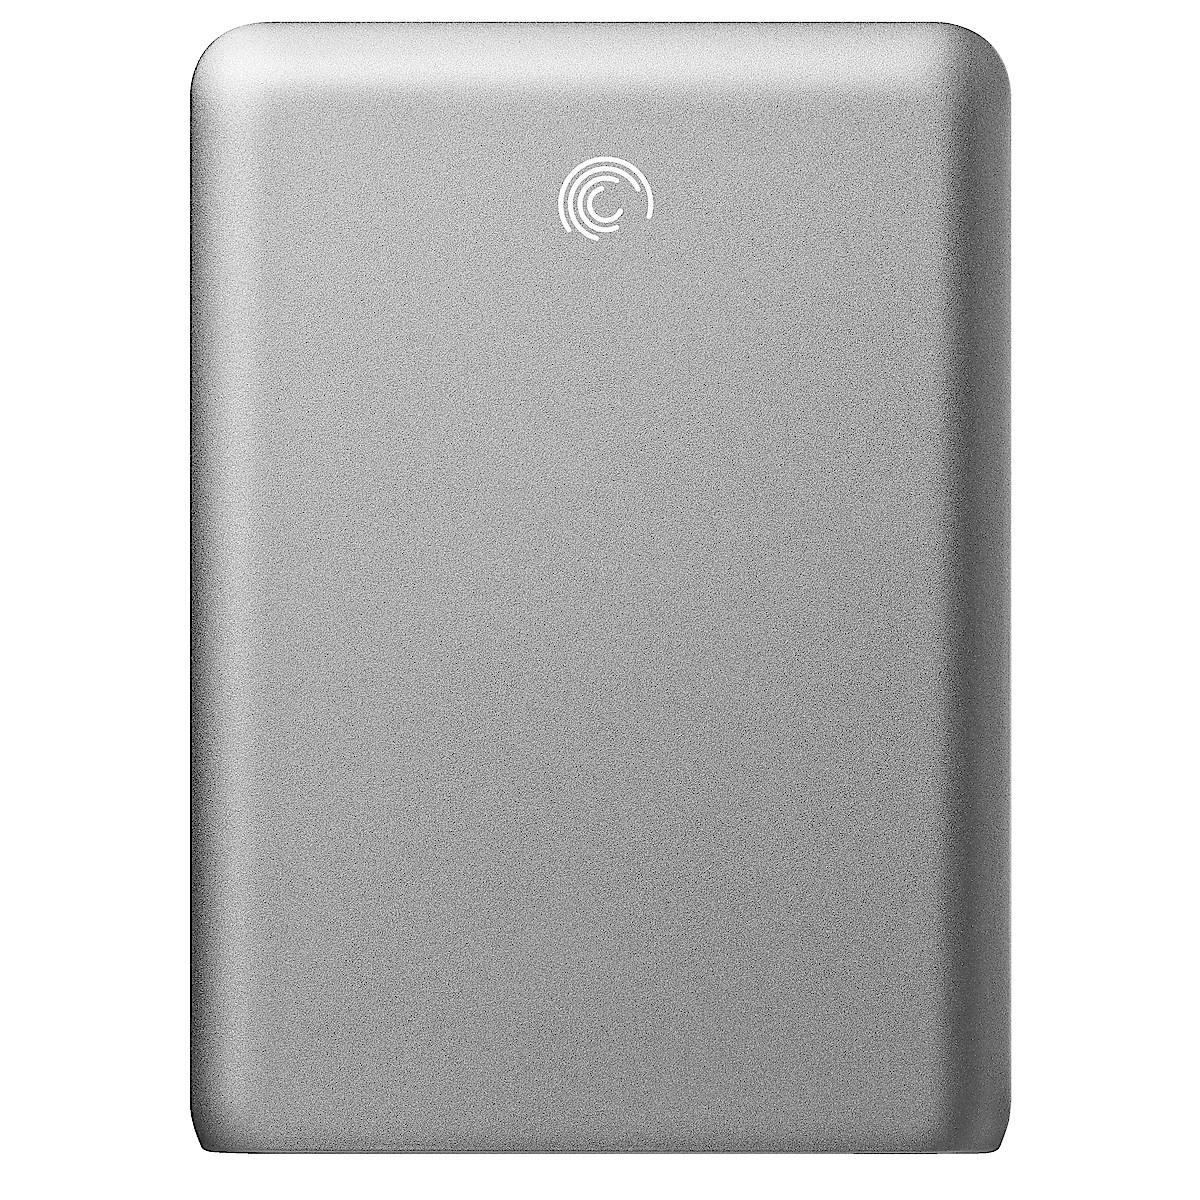 Ulkoinen kiintolevy GoFlex Pro for Mac 750 Gt